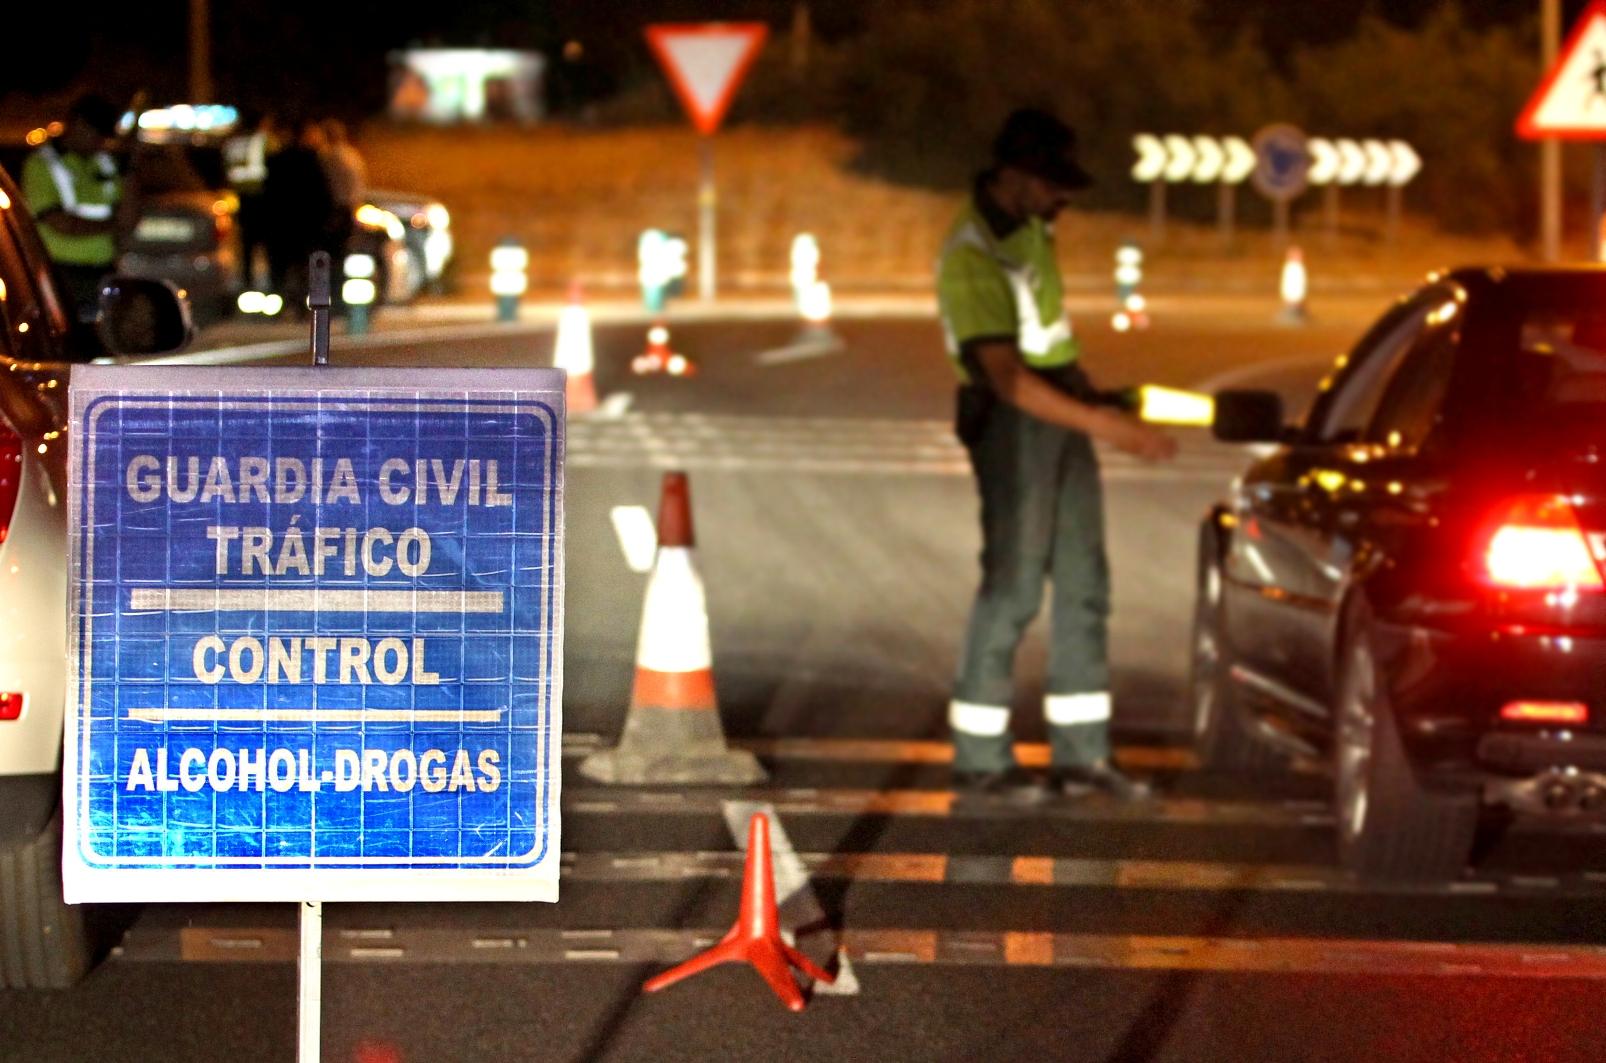 controles guardia civil